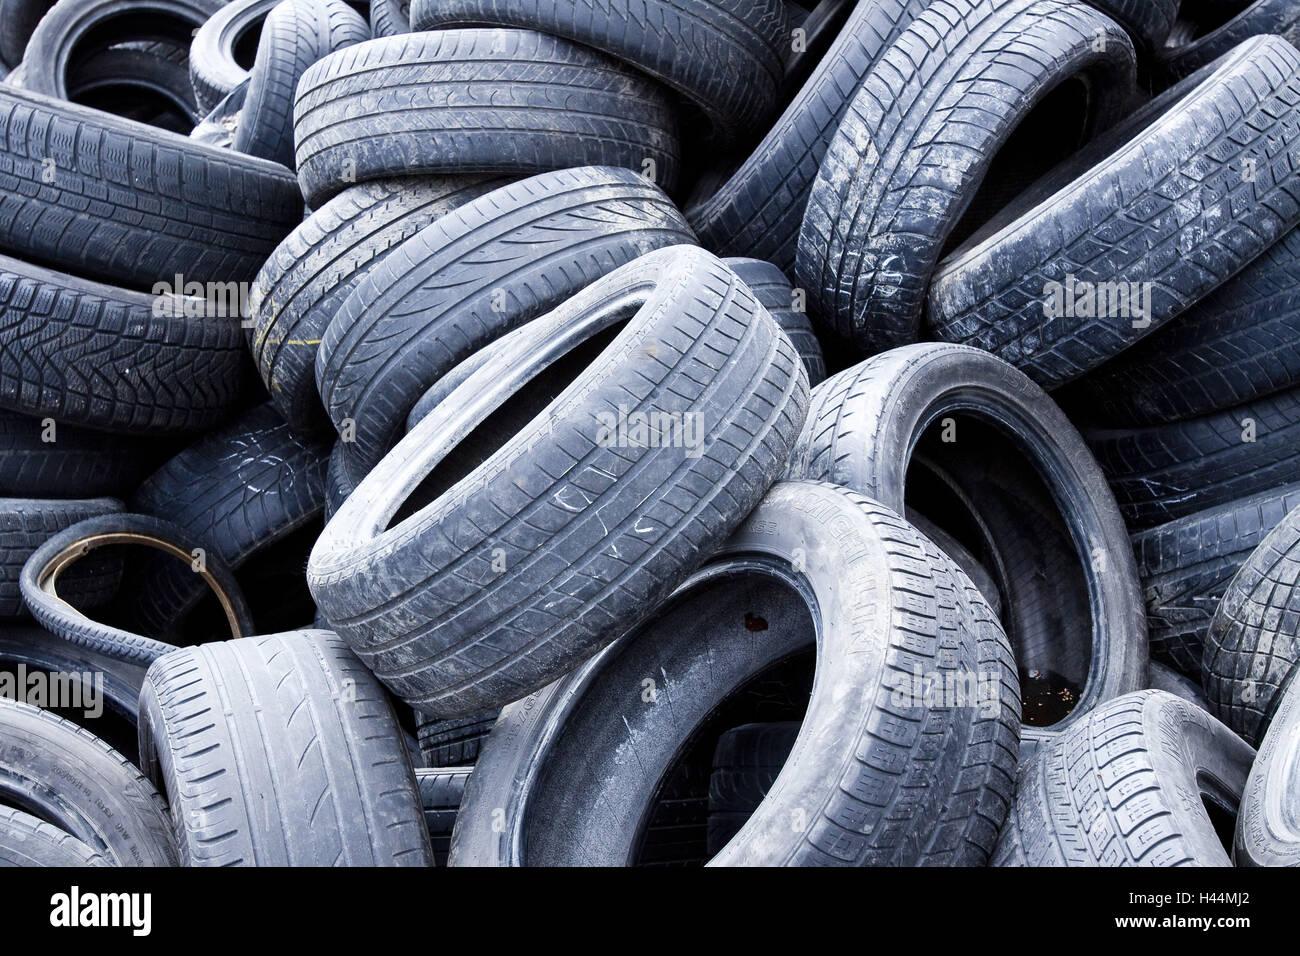 pneus d 39 automobile de vieux d 39 limination les d chets ordures pneu lot caoutchouc bande. Black Bedroom Furniture Sets. Home Design Ideas